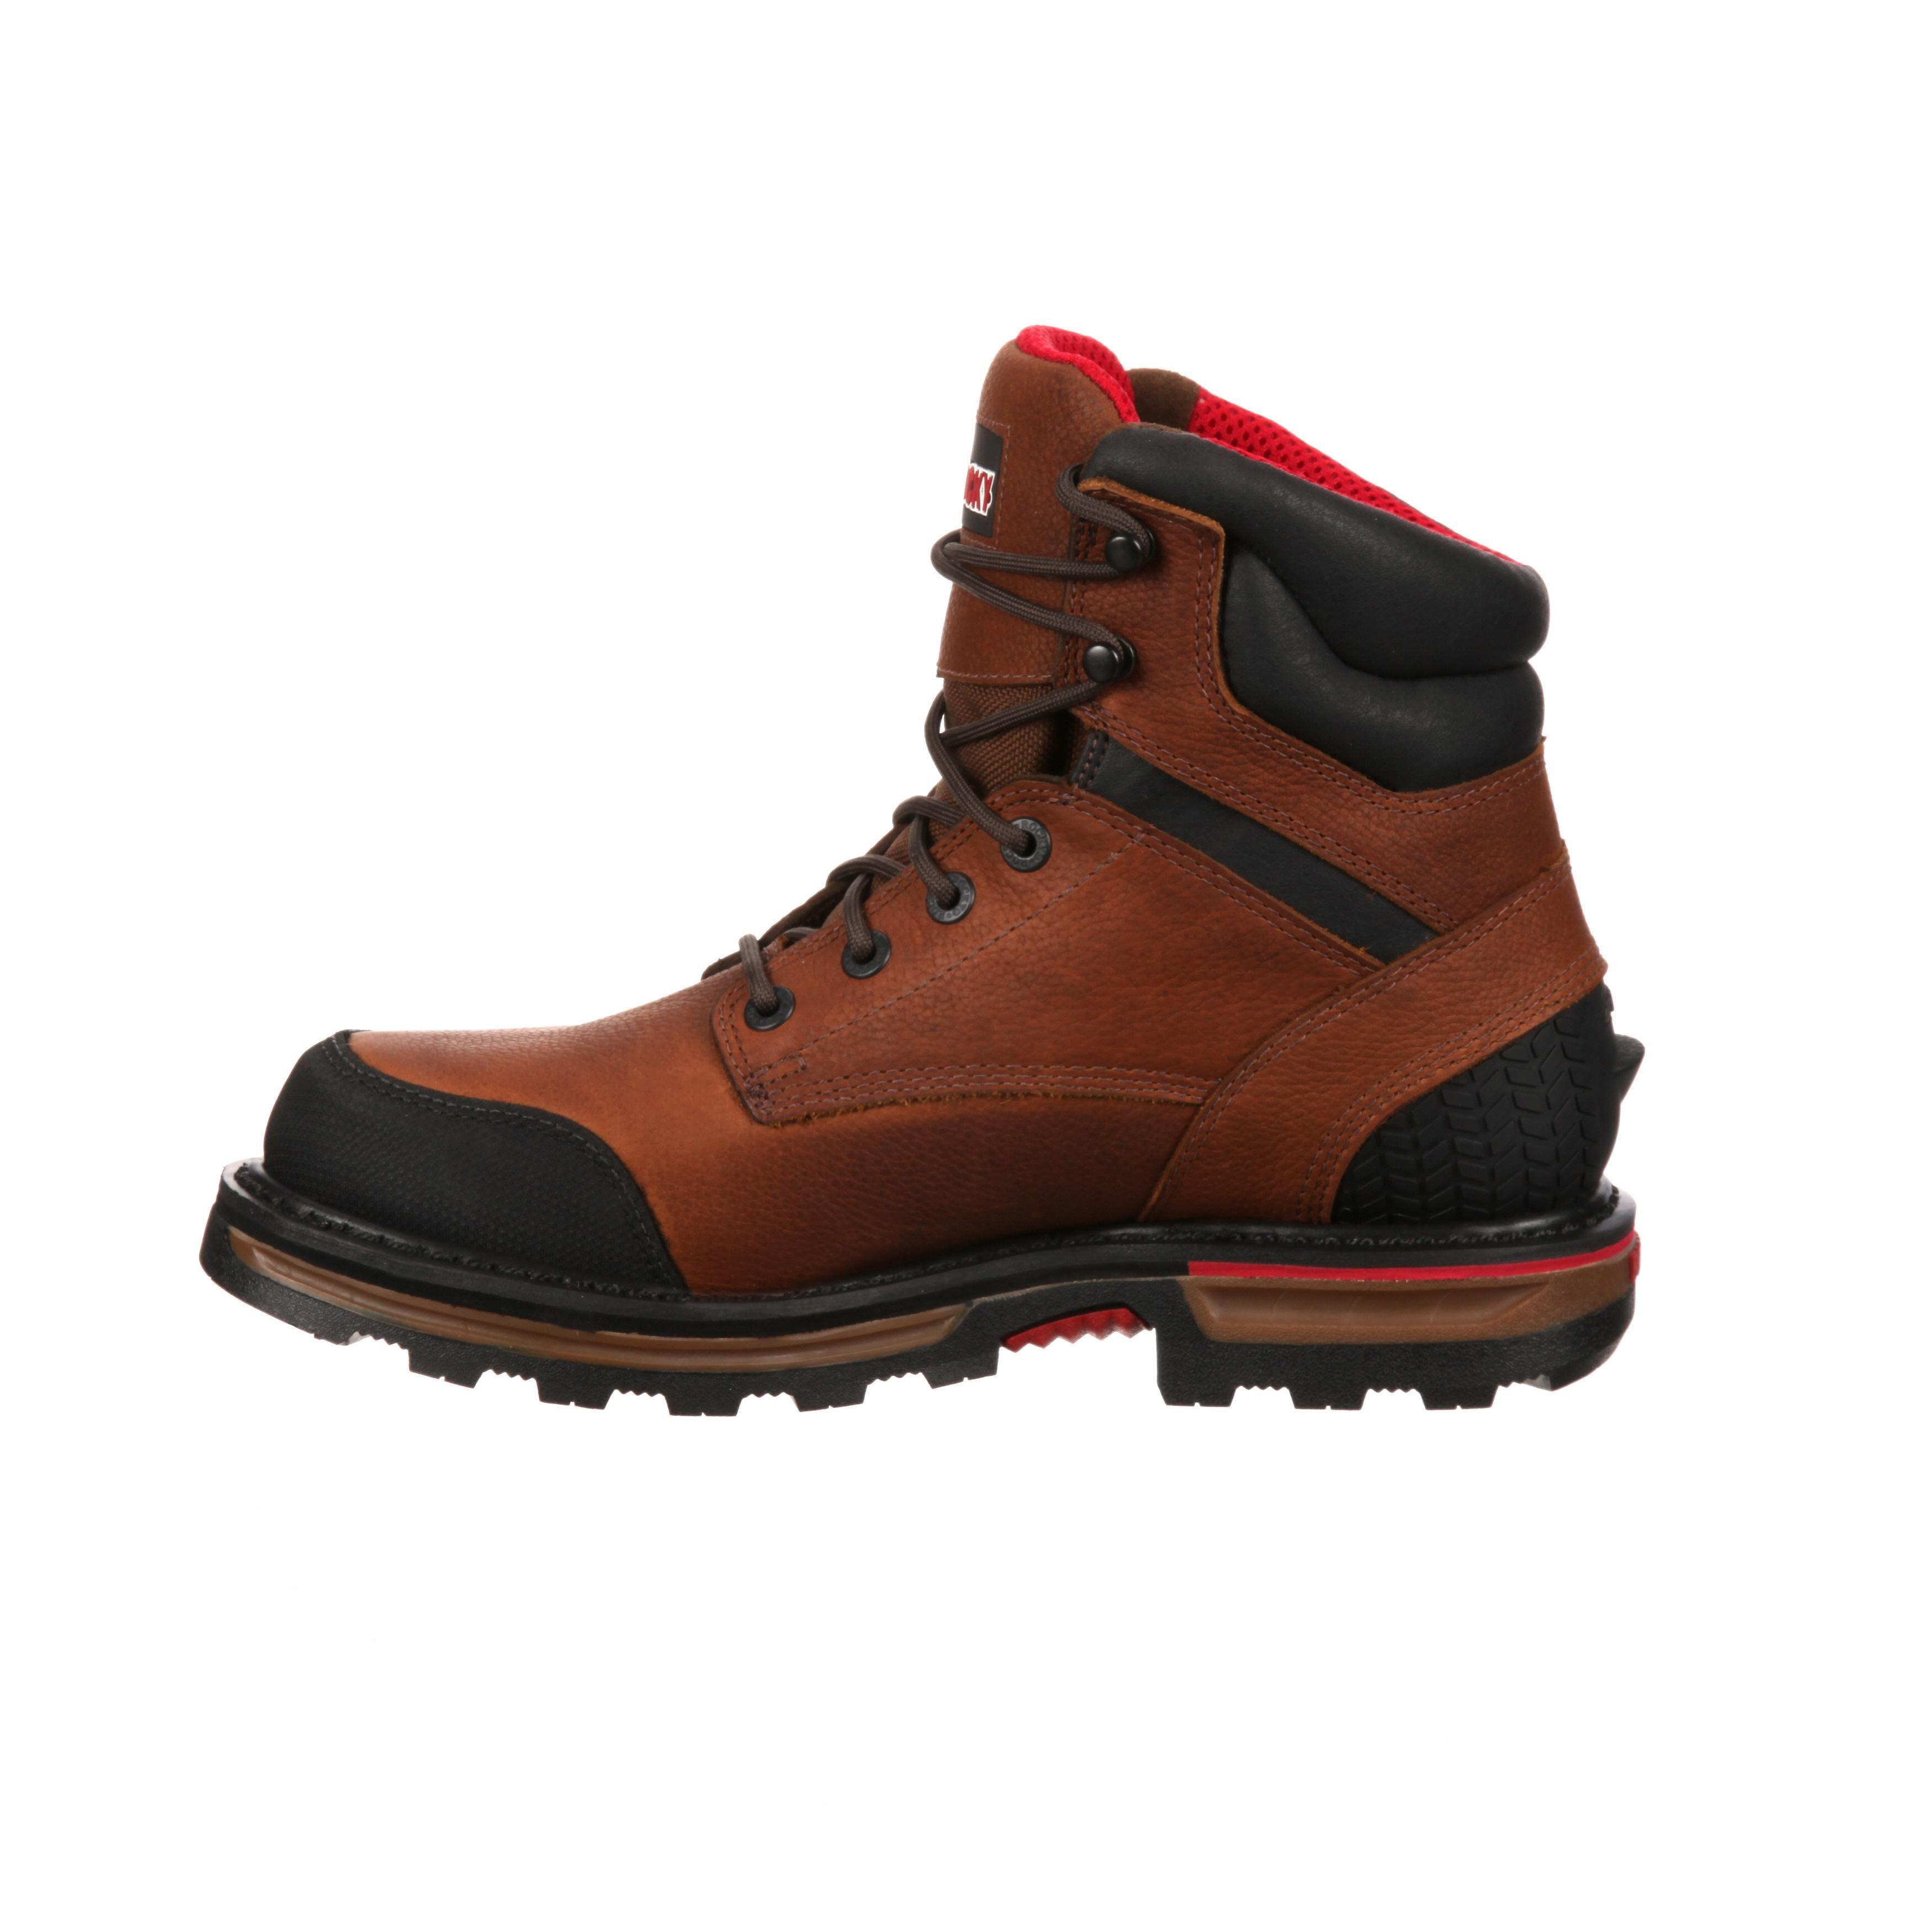 d5df964f10a Rocky Elements Dirt Steel Toe Waterproof Work Boot in 2019   Rocky ...